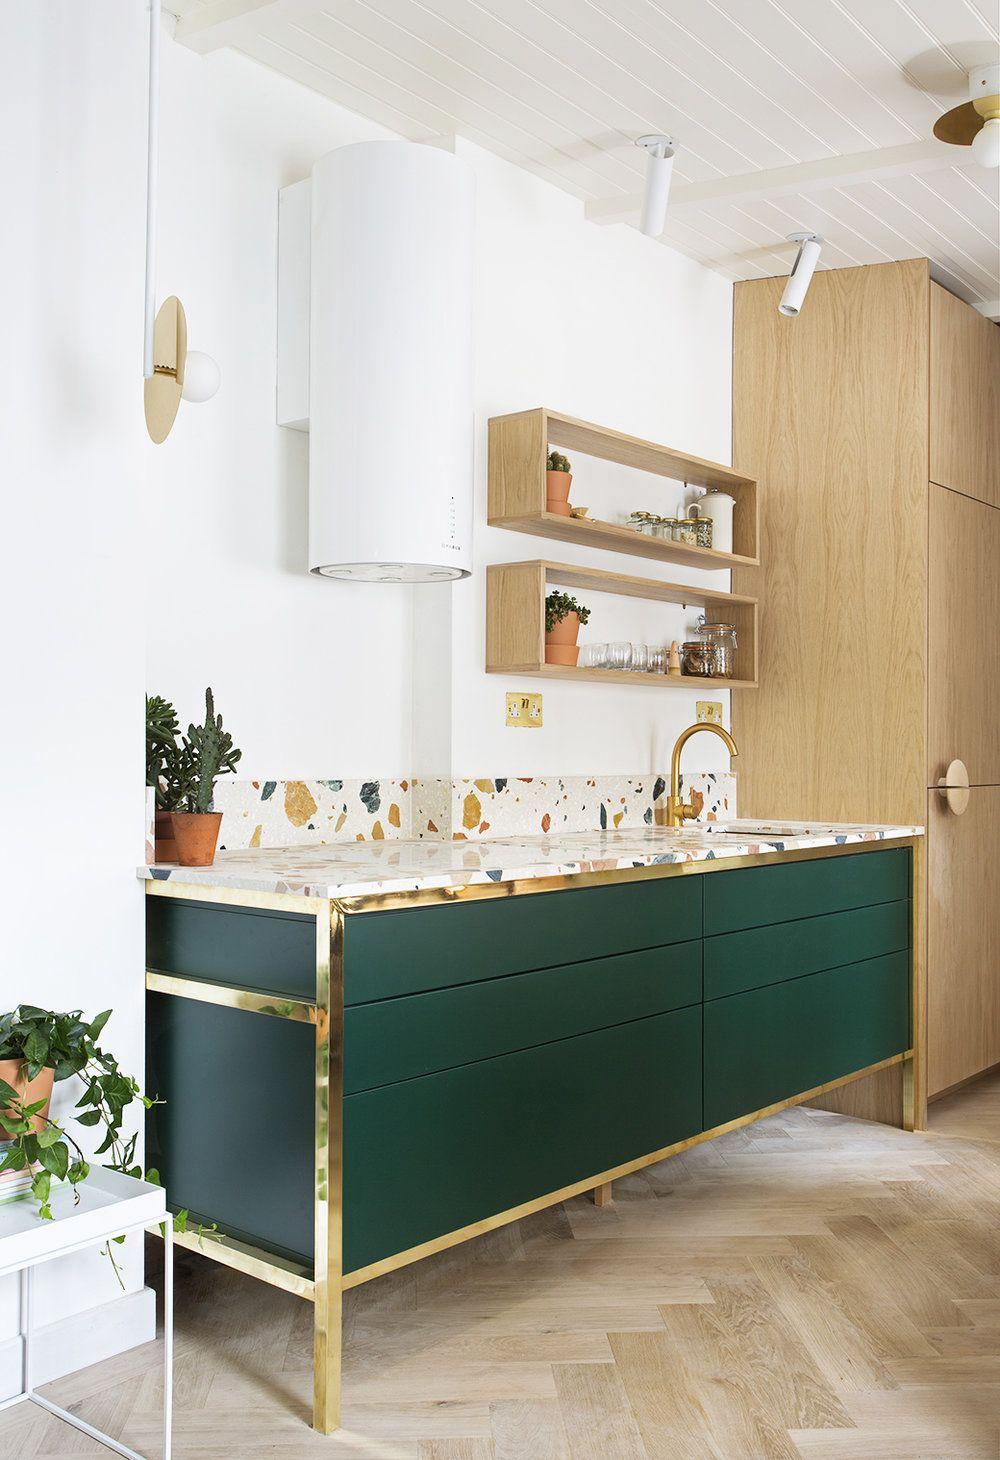 granito tendance d co entretien et histoire laiton wannabe bling bling deco plan de. Black Bedroom Furniture Sets. Home Design Ideas